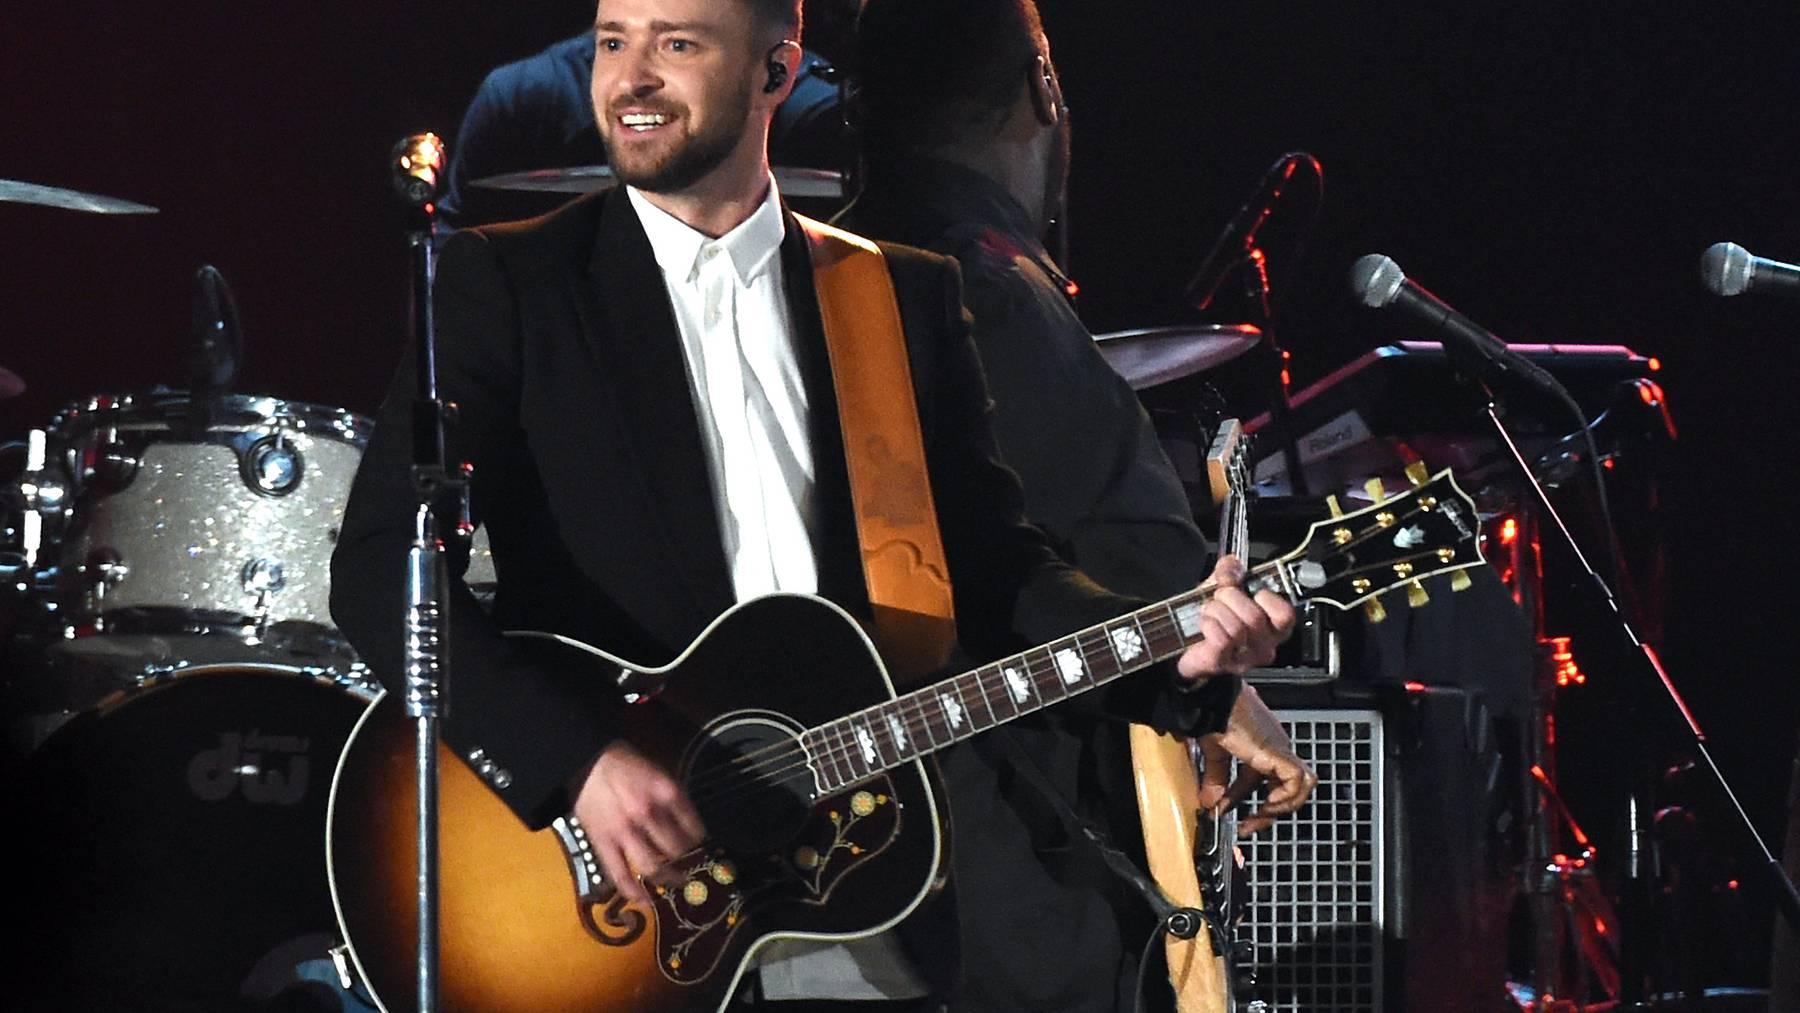 Die Fans von Justin Timberlake warten schon sehnsüchtig auf ein neues Album.